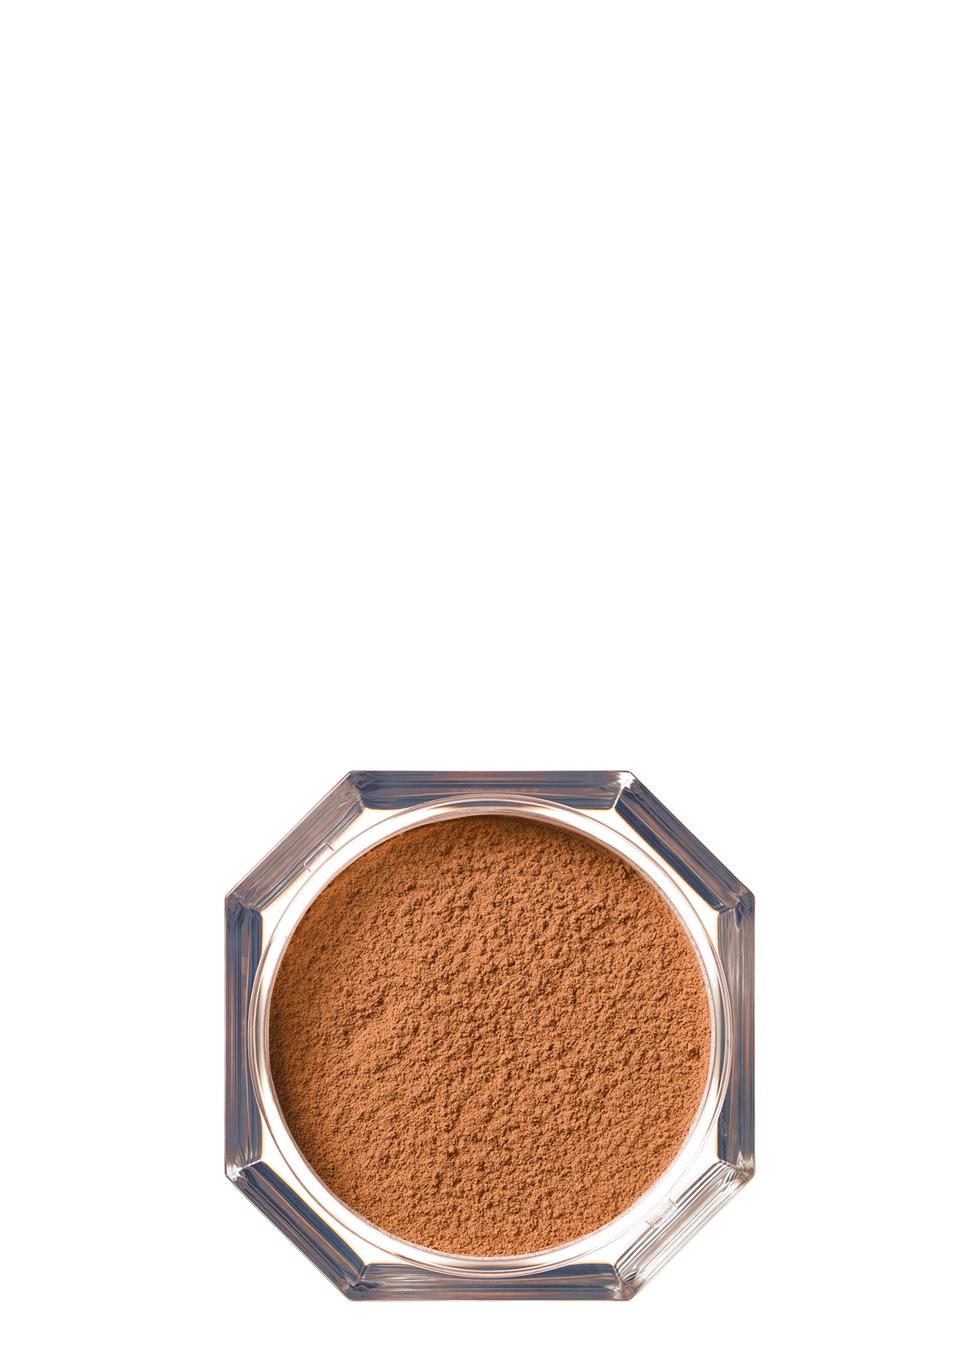 Pro Filt'r Instant Retouch Setting Powder - Nutmeg - FENTY BEAUTY